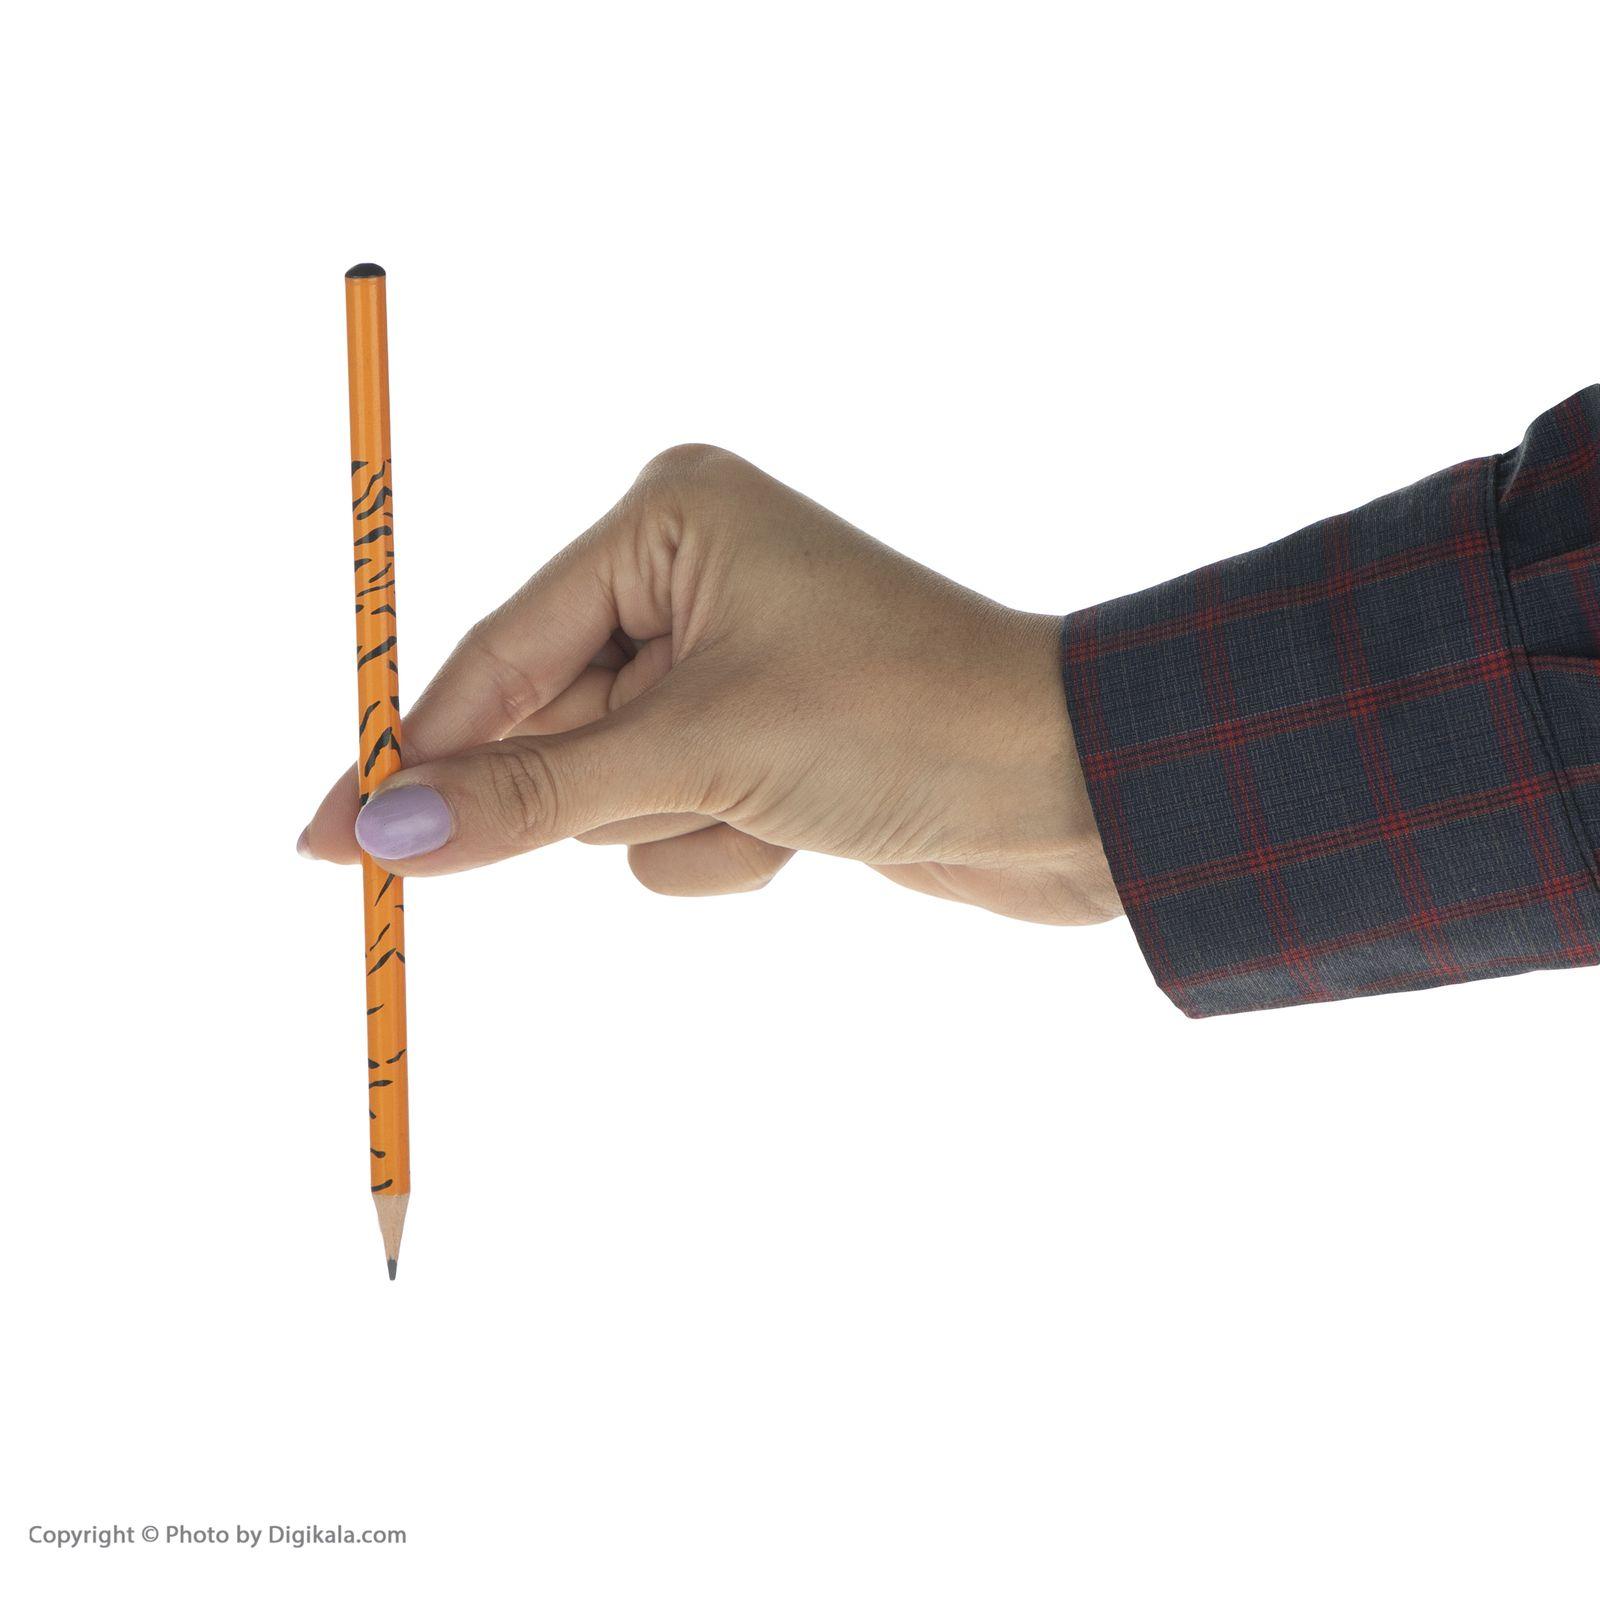 ست مداد مشکی و پاک کن فکتیس طرح ببر بسته 3 عددی main 1 6